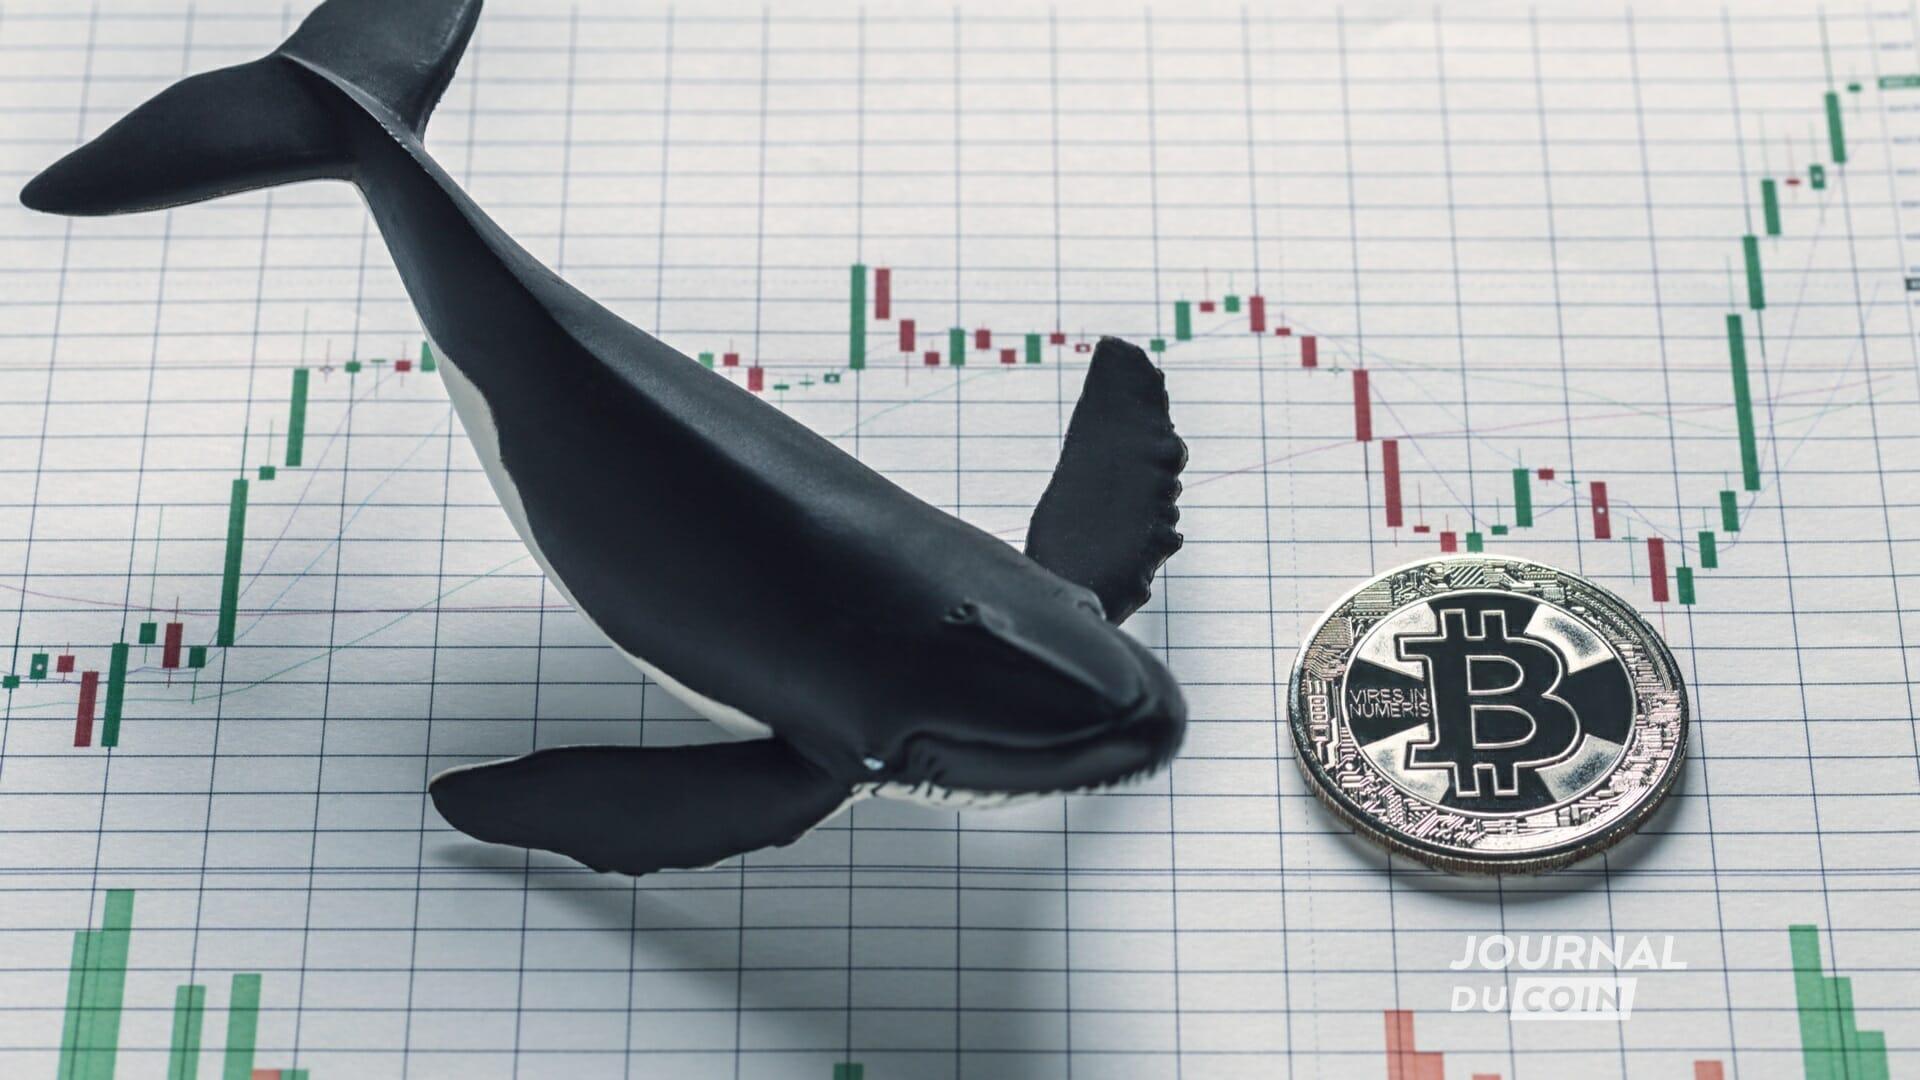 Les baleines de Bitcoin en voie de disparition ?